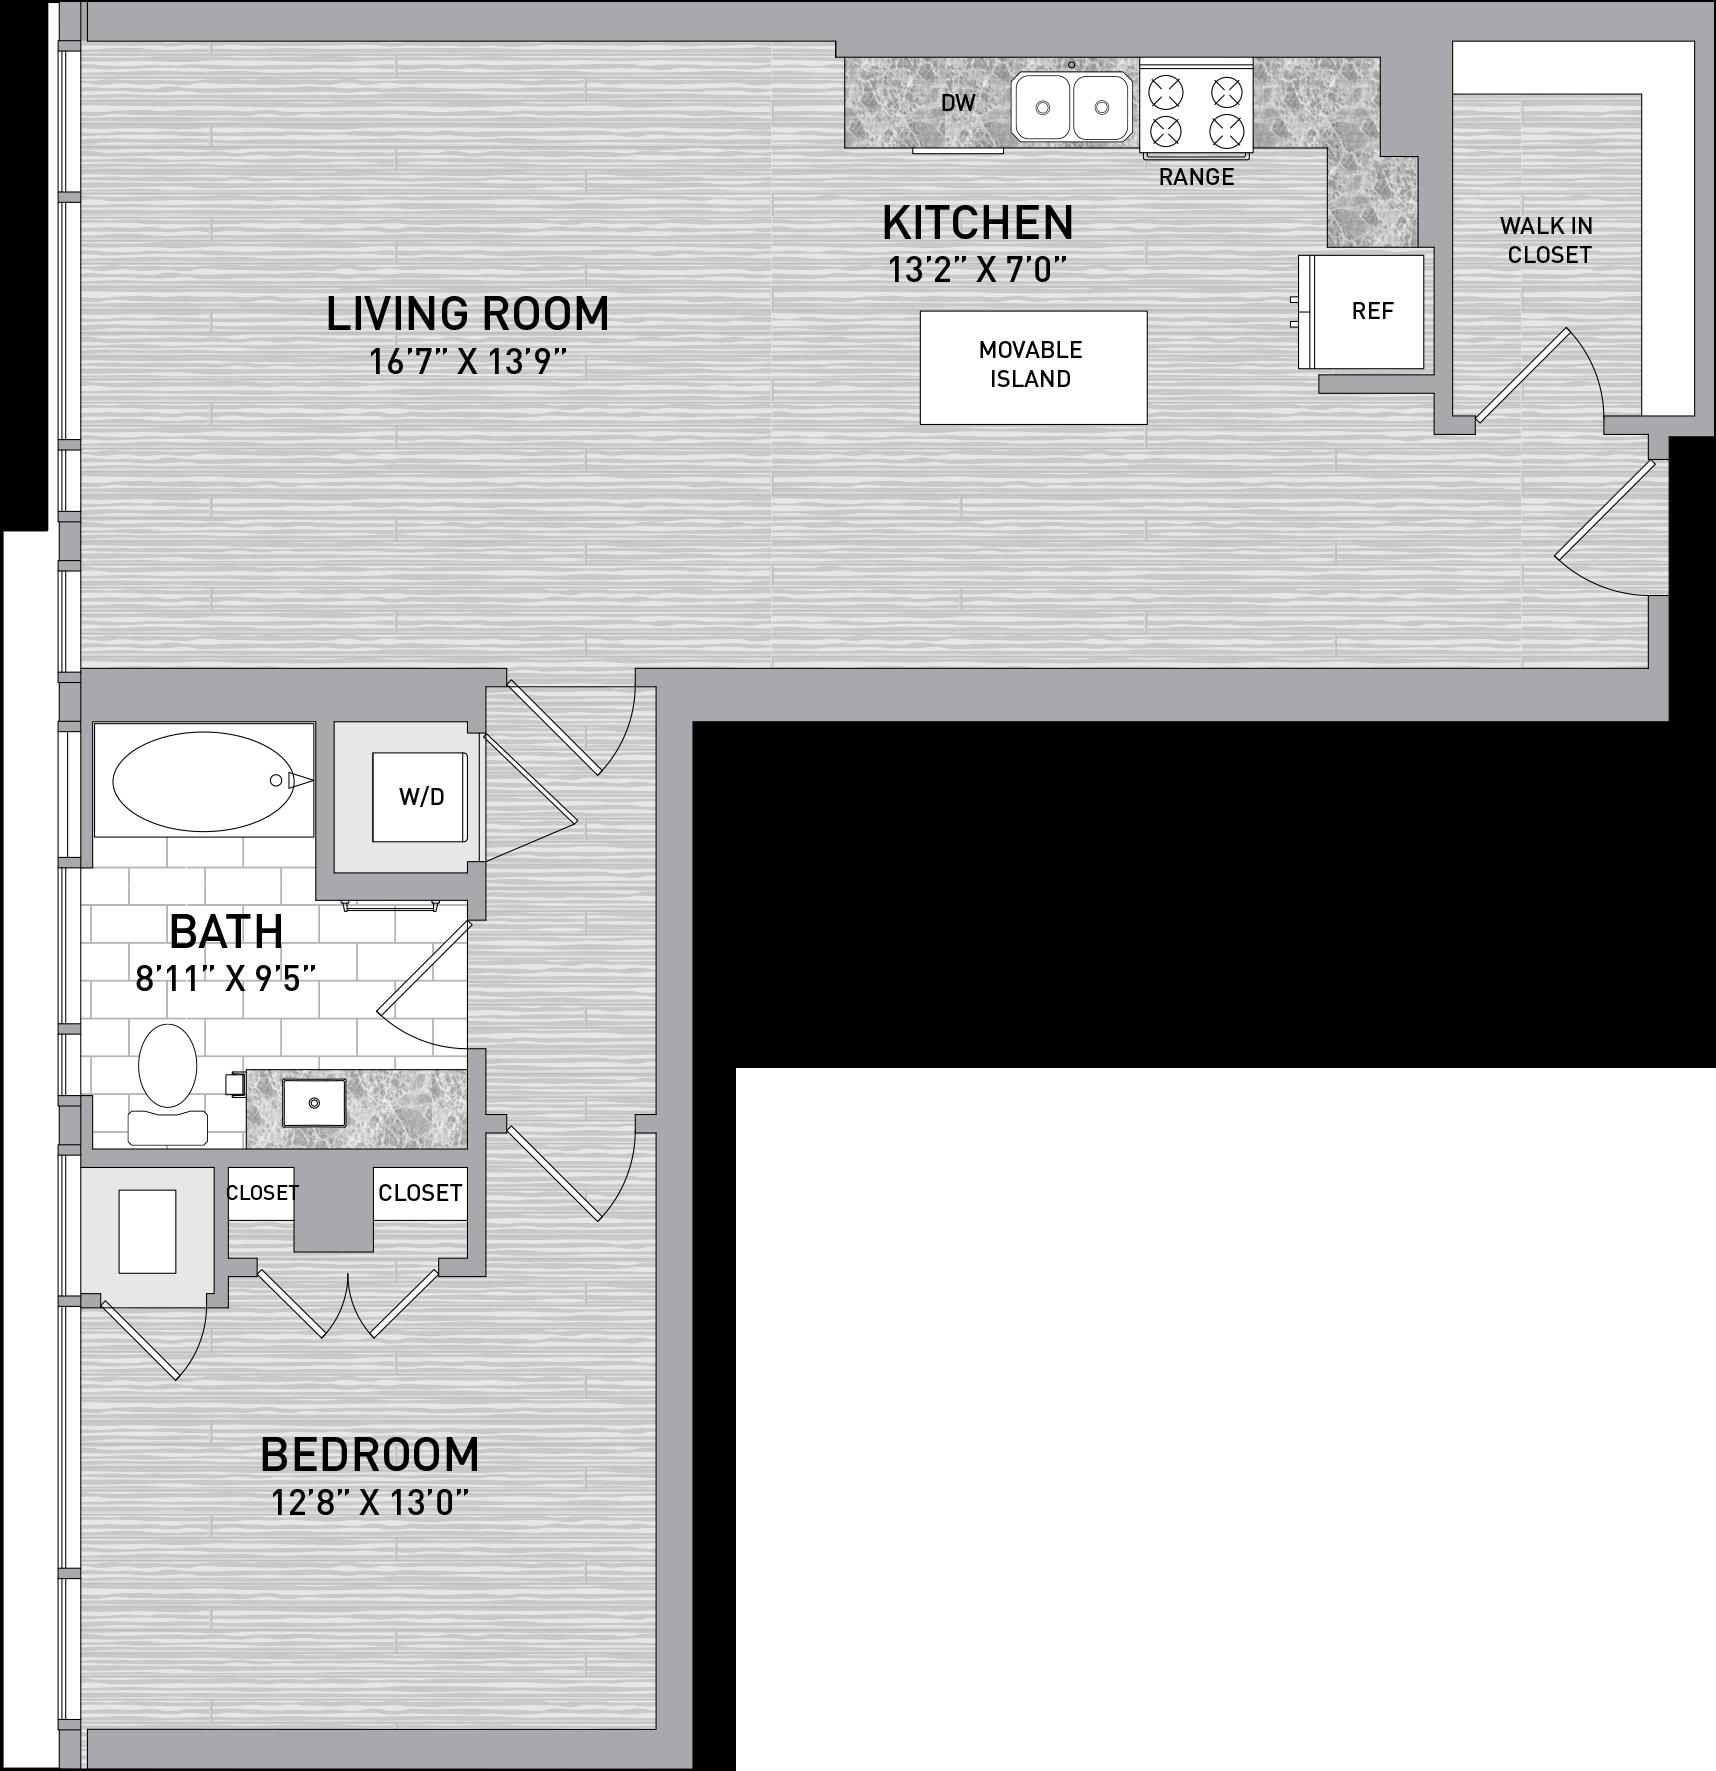 floorplan image of unit id 1026